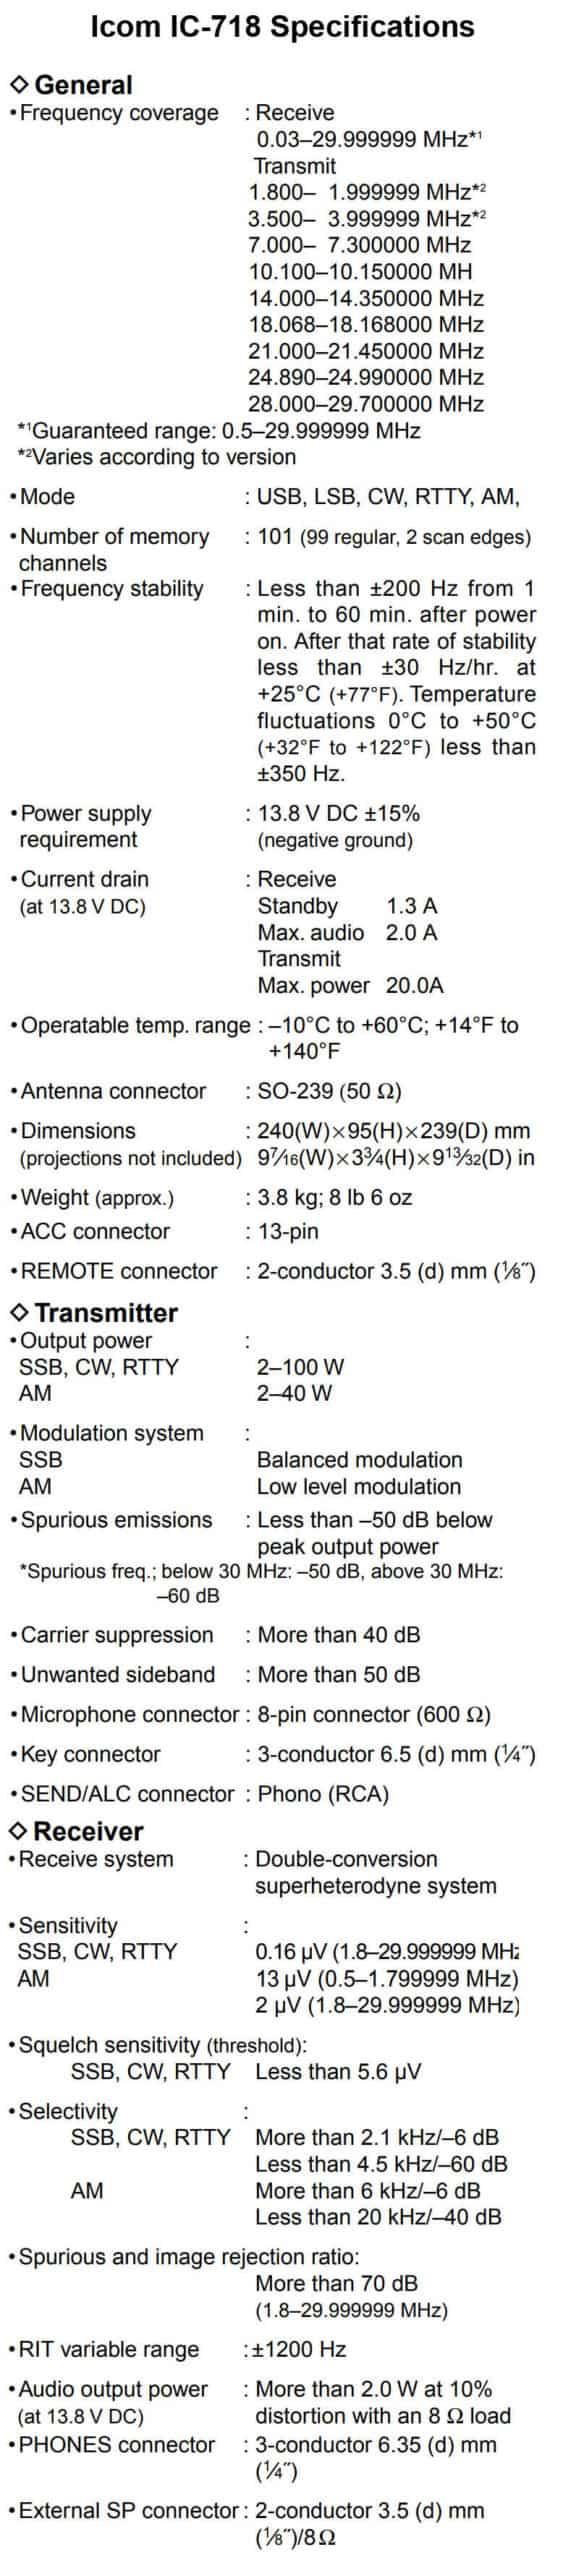 best Ham Radio Base Station Icom IC-718 Specifications